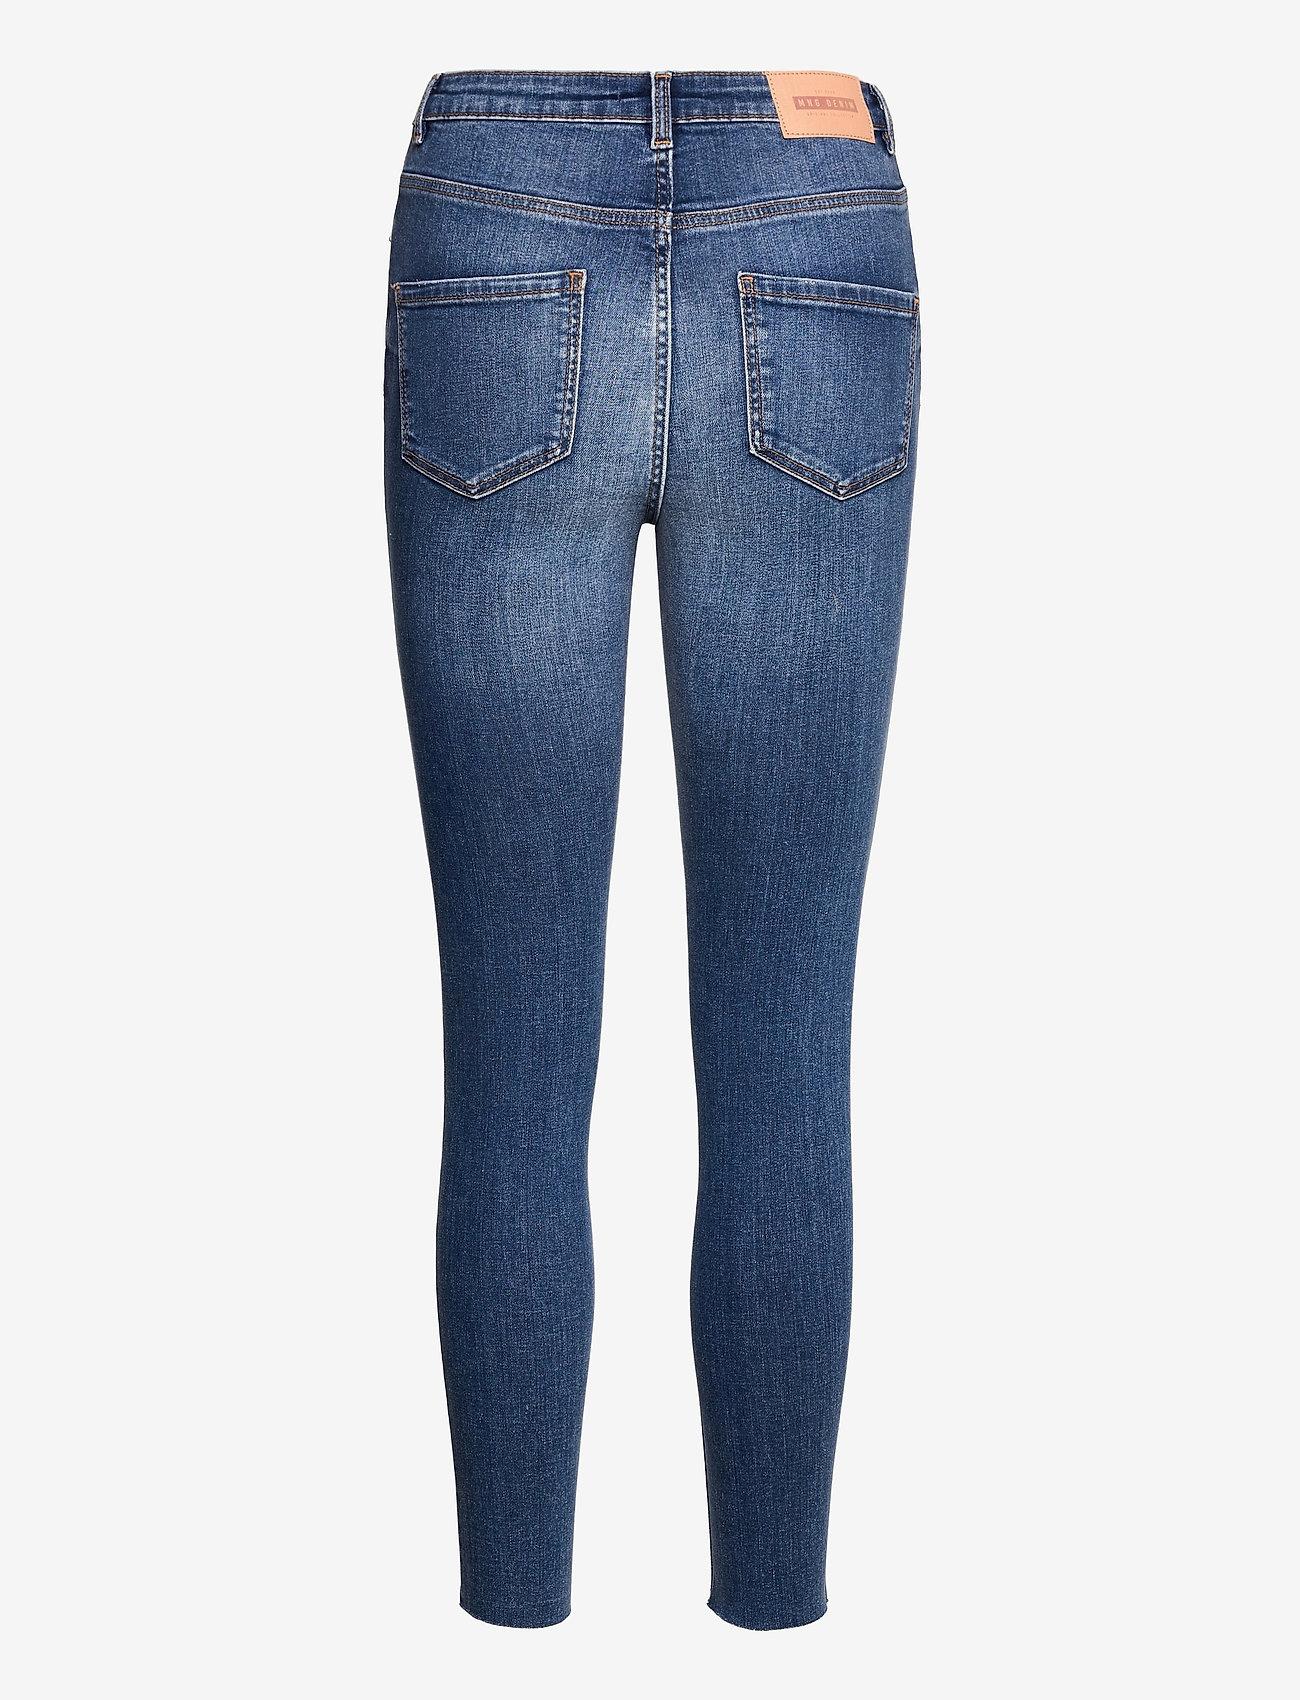 Mango - FILIPA - jeans - open blue - 1